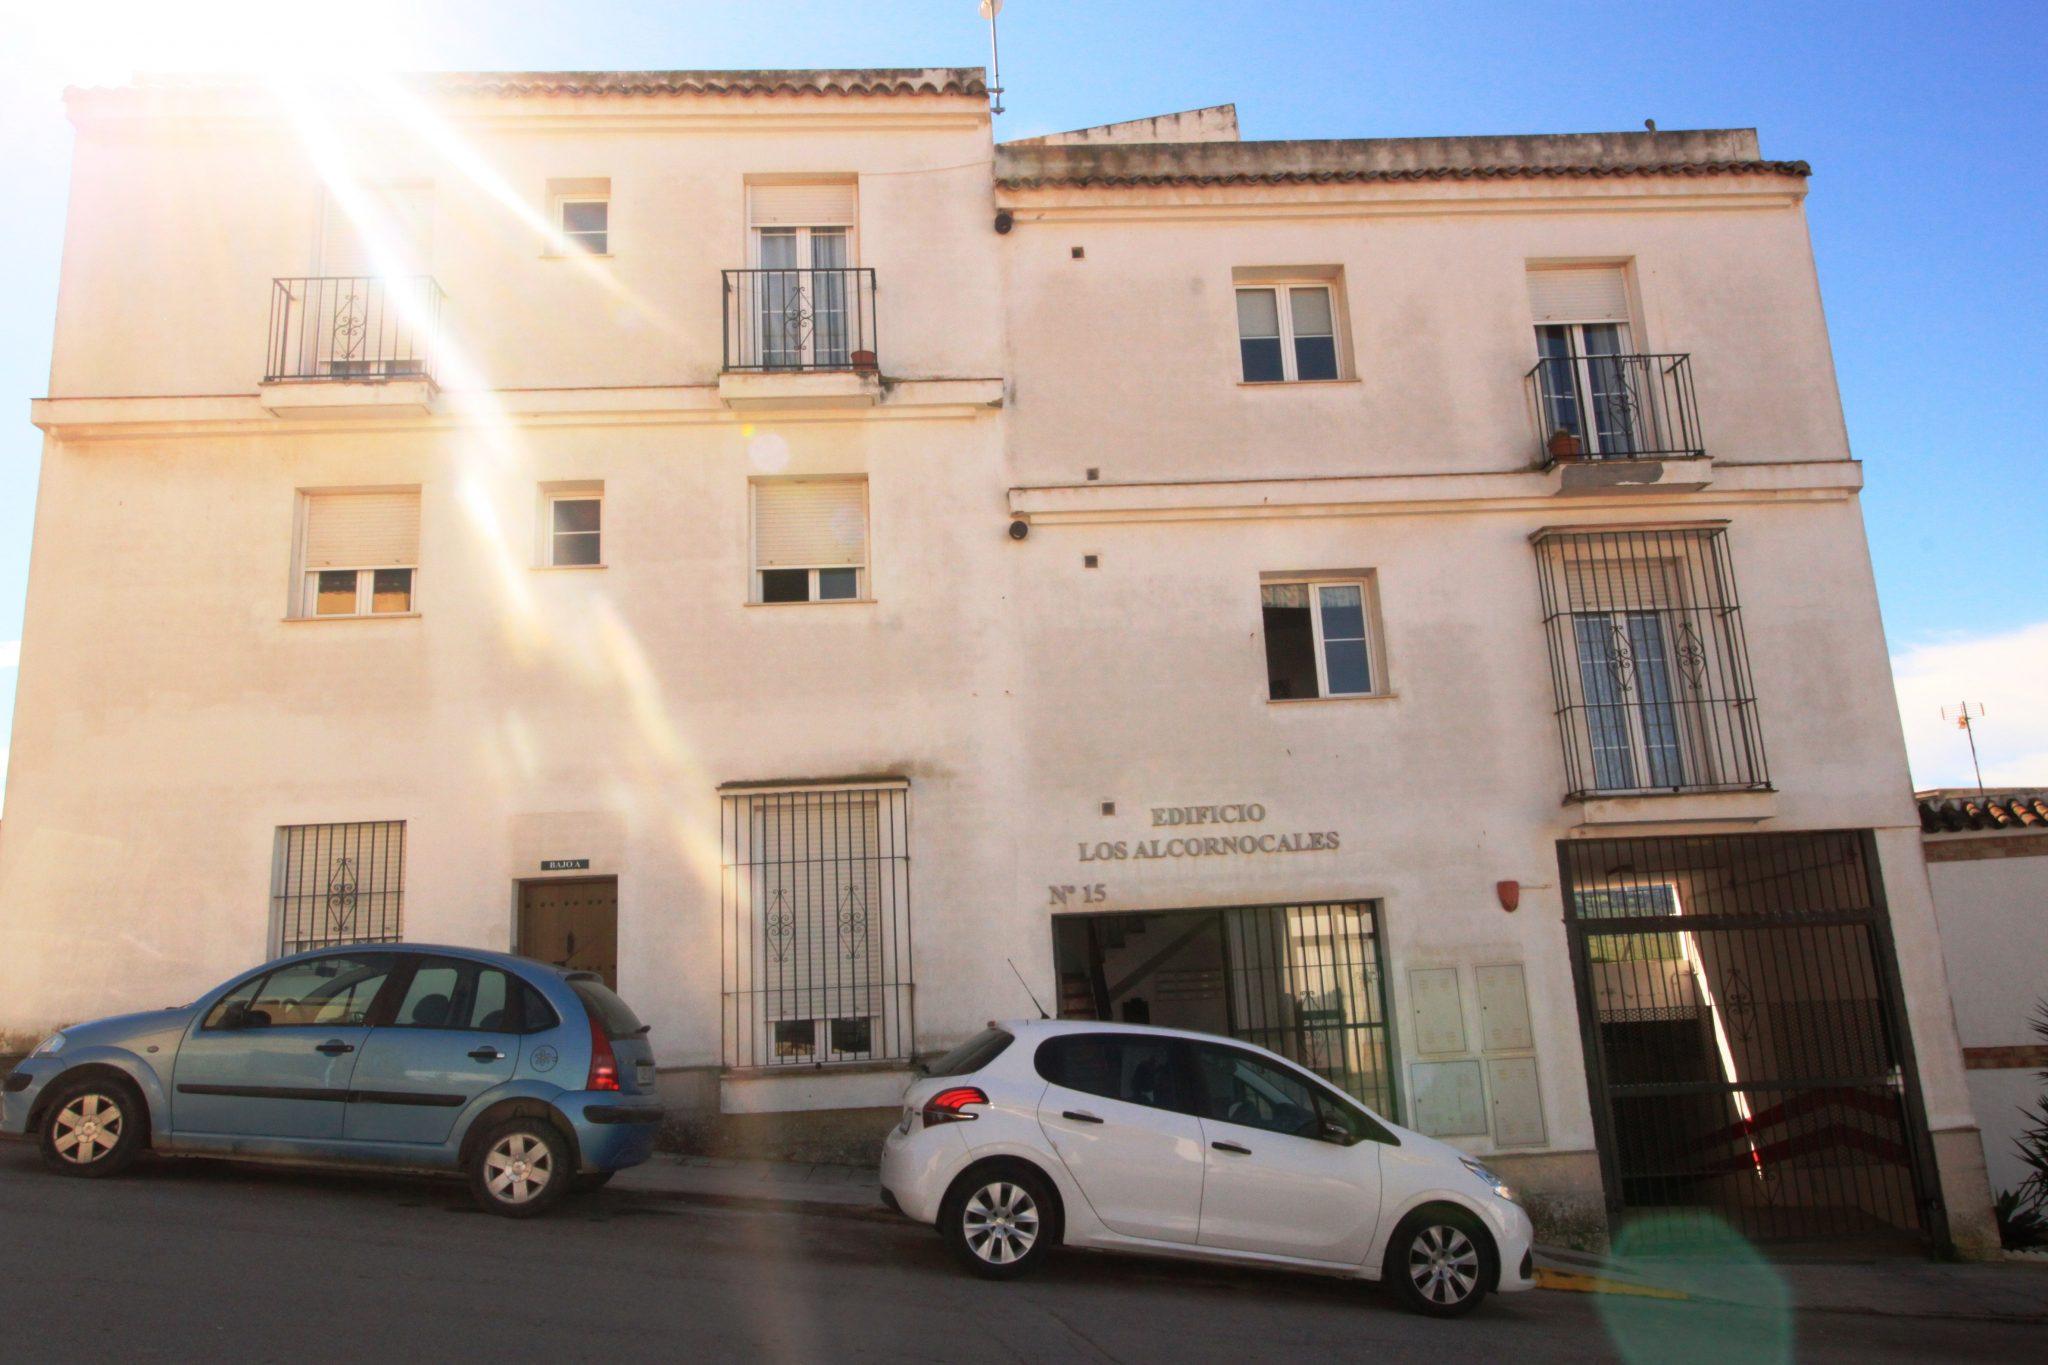 Piso en Venta en Facinas – Cádiz – Andalucía